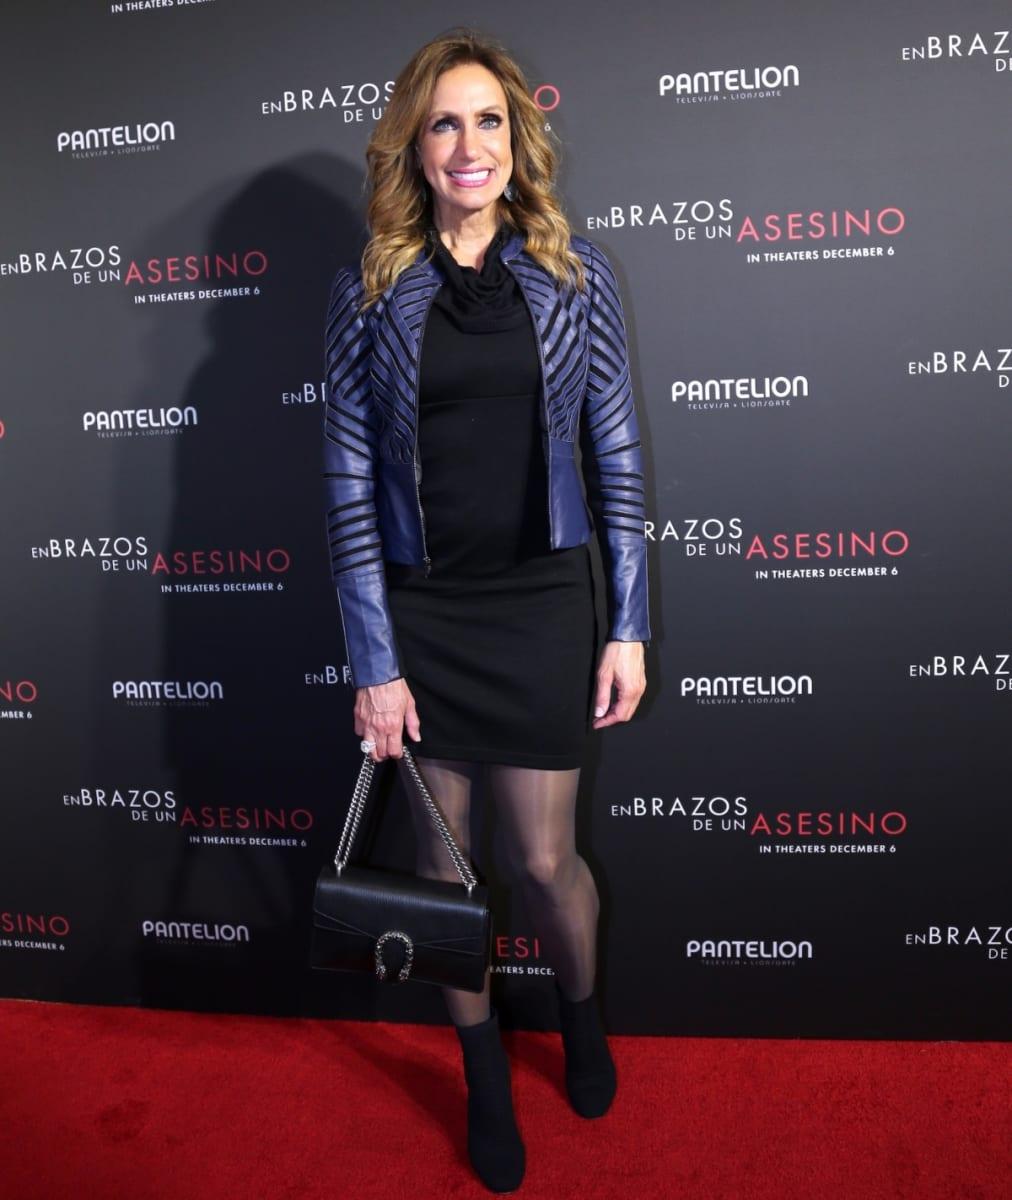 Fortuna de Lili Estefan: ¿Cuánto gana de 'El Gordo y La Flaca'?